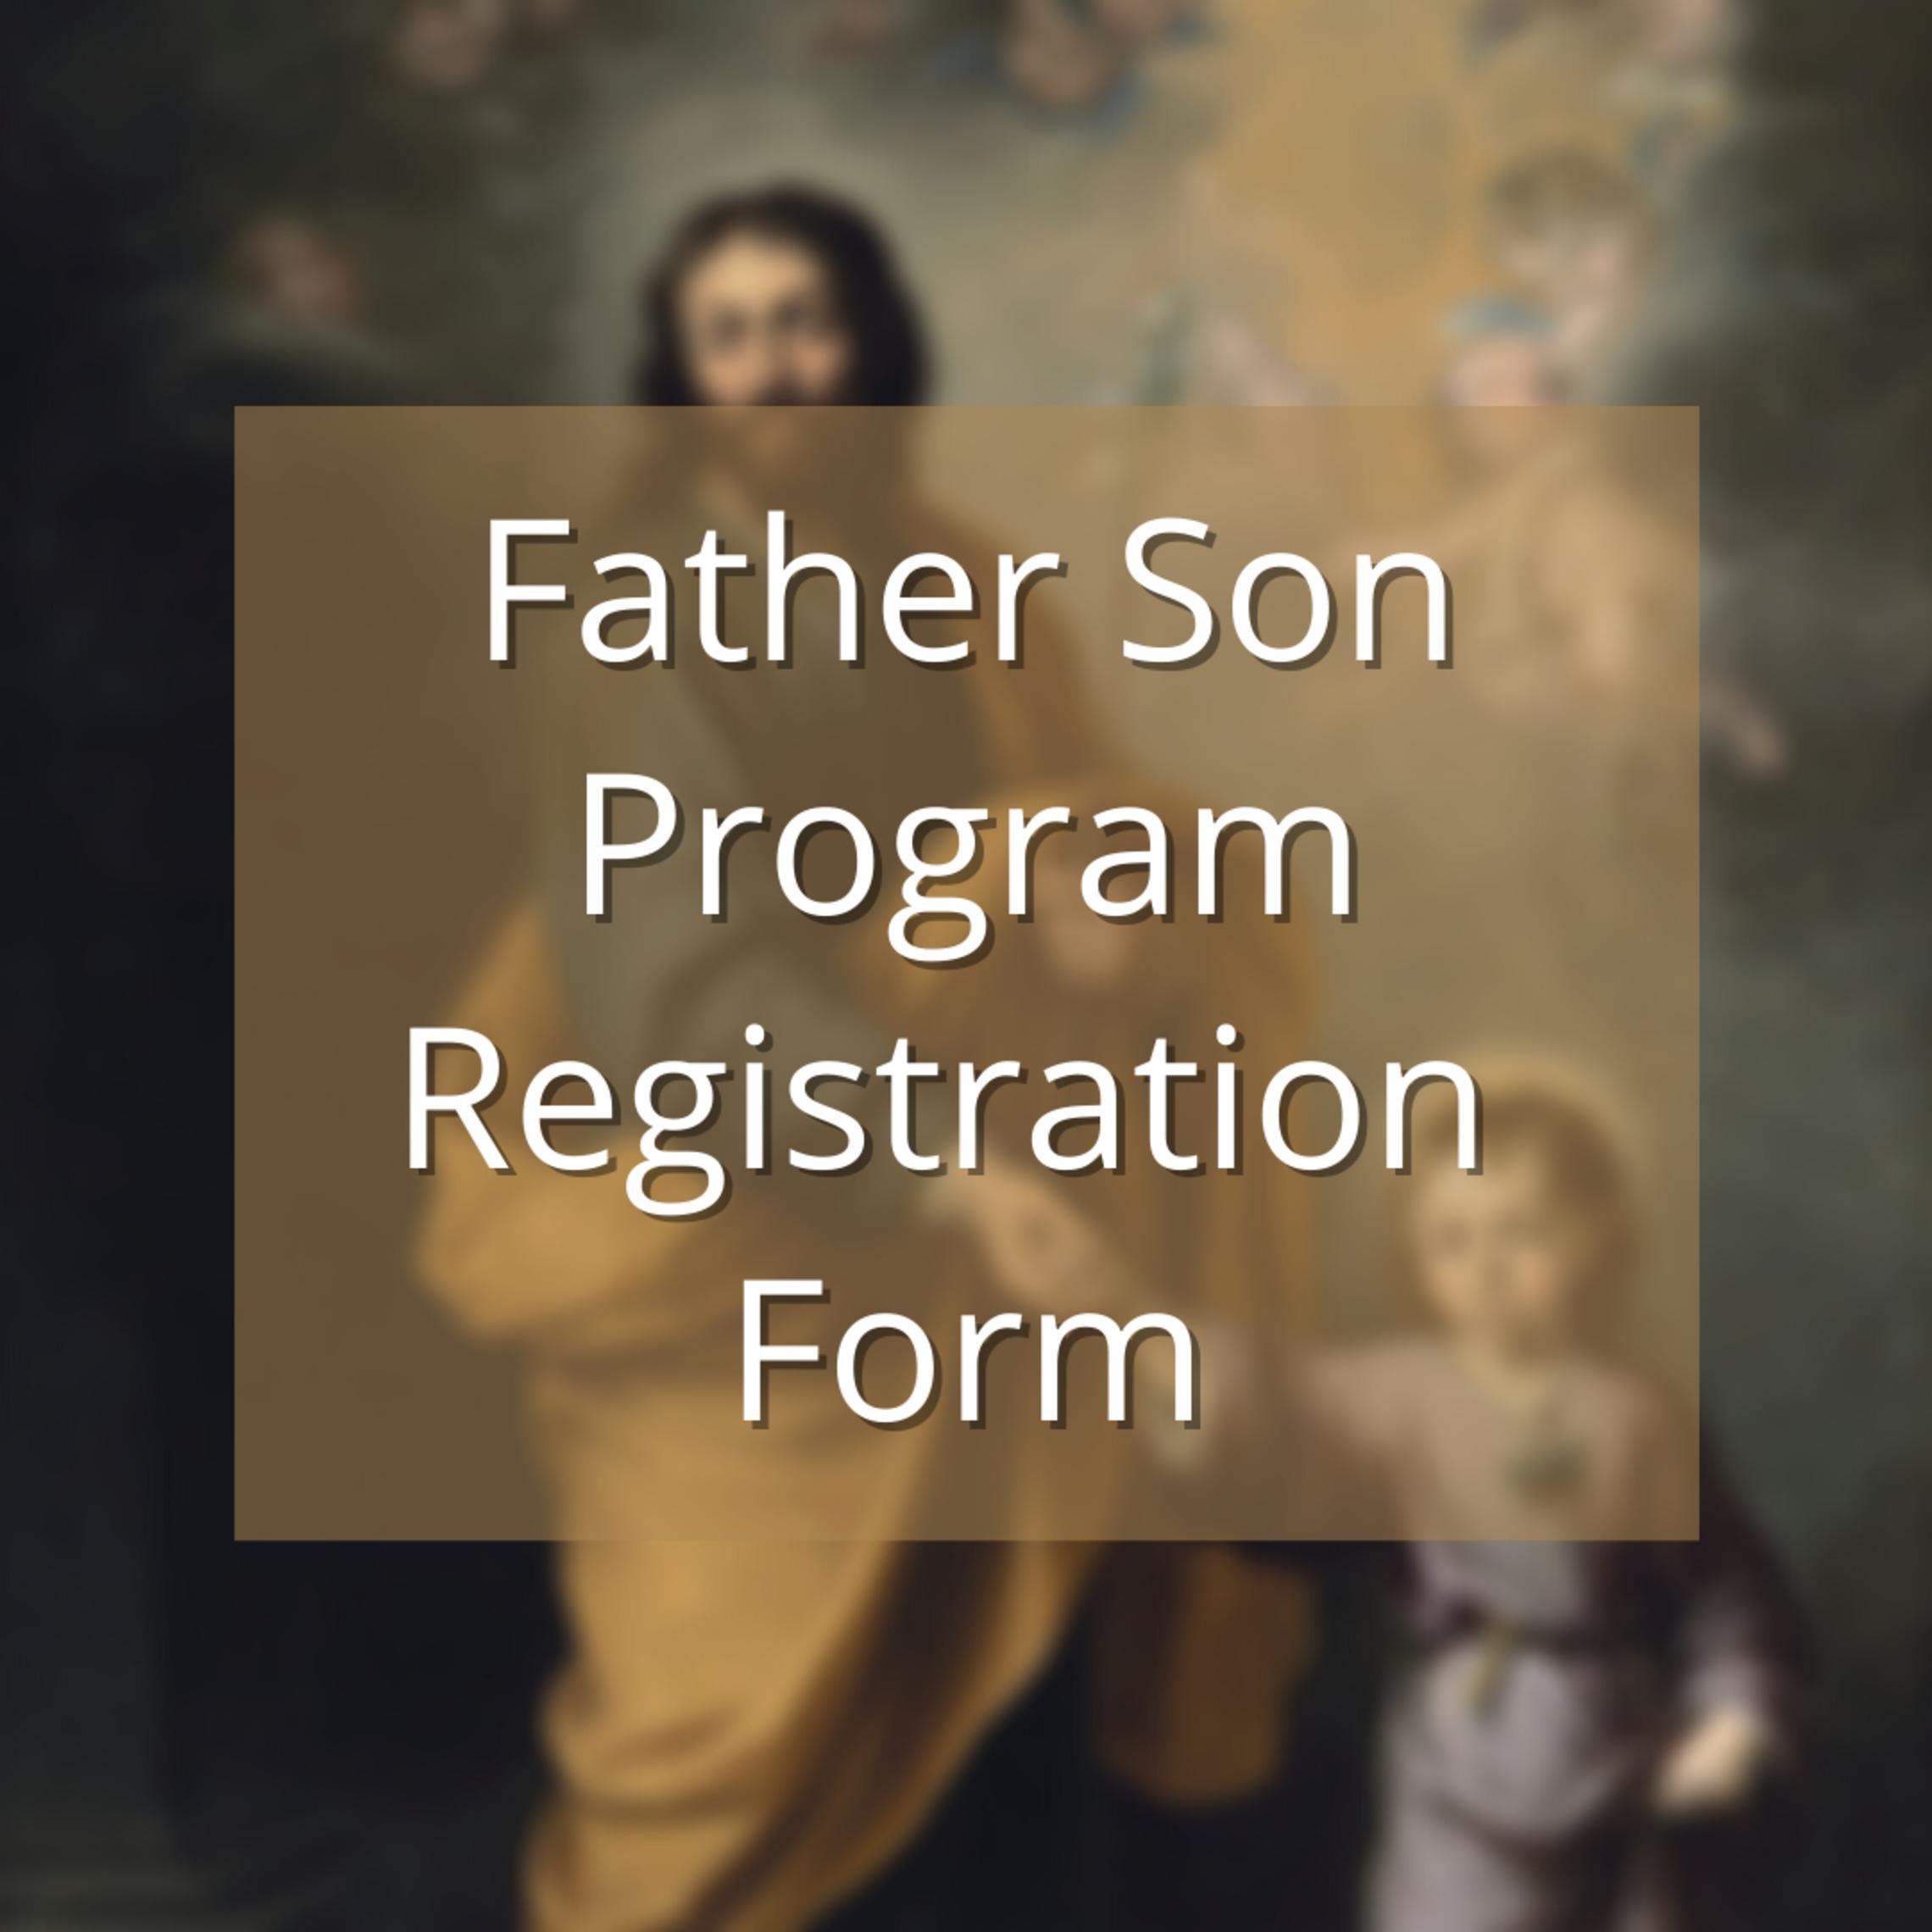 Father Son Program Registration Form